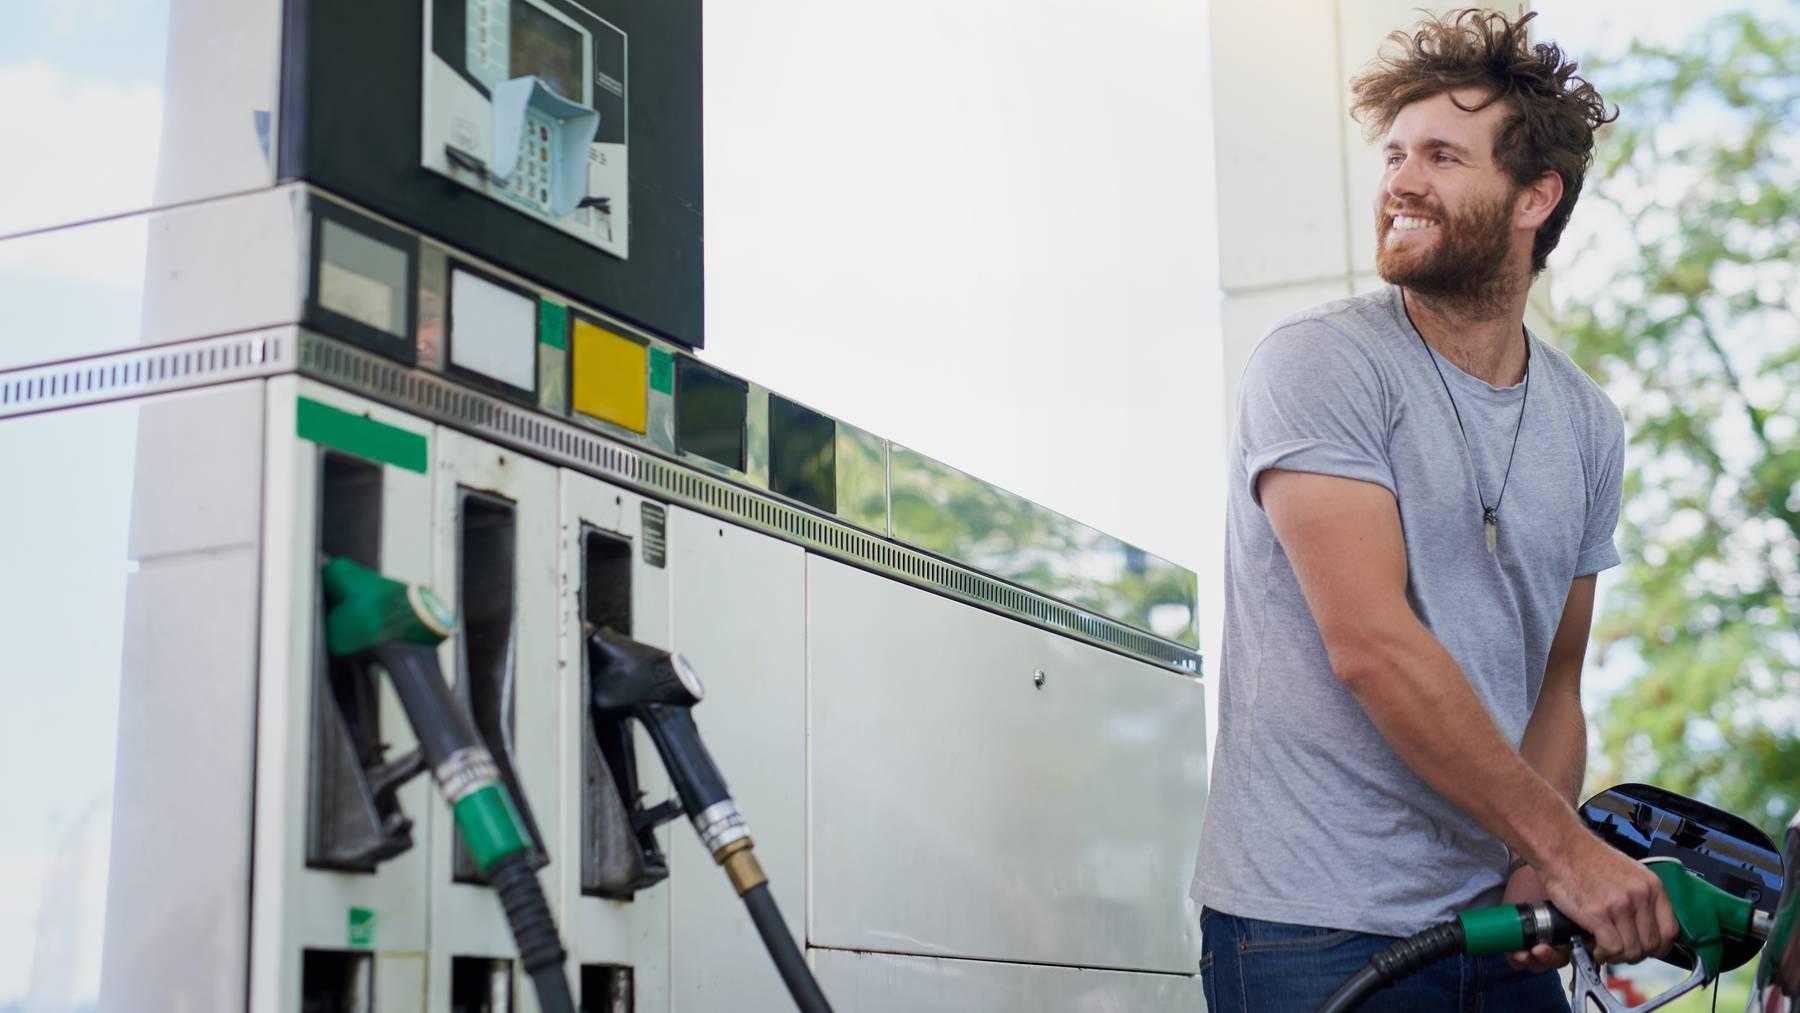 Darum kann die Argovia Tankstelle den Sprit für 1,58 anbieten.